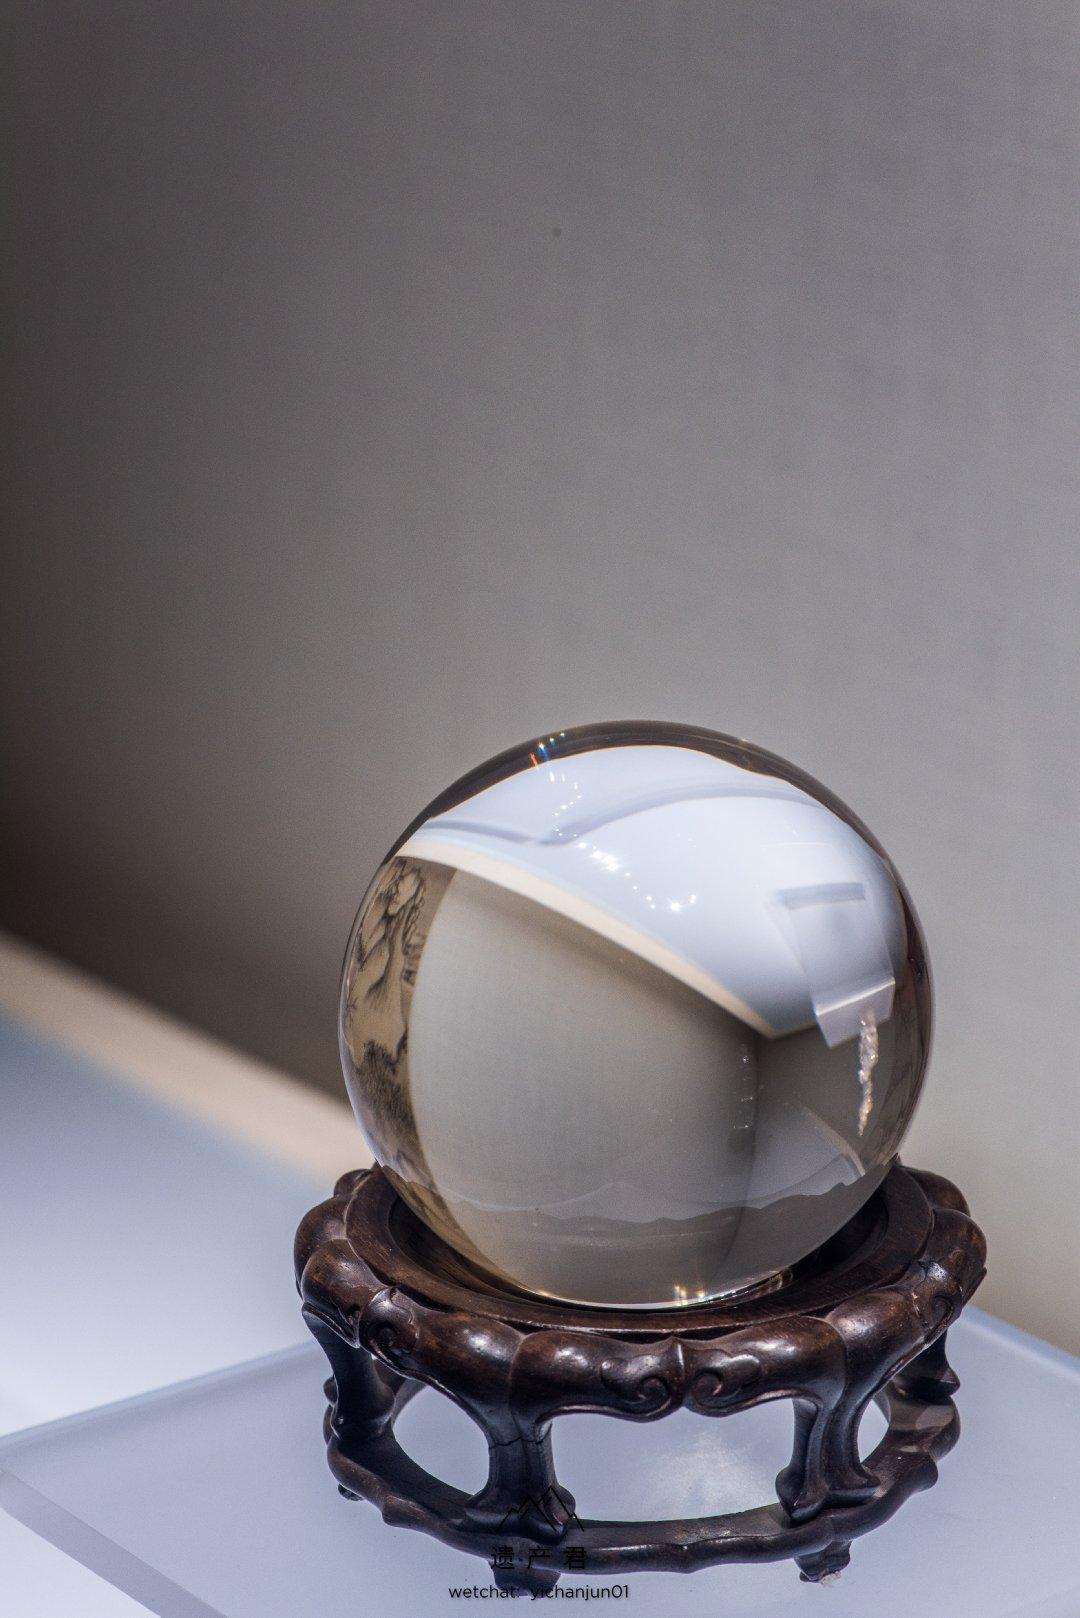 故宫博物院藏· 清代水晶球